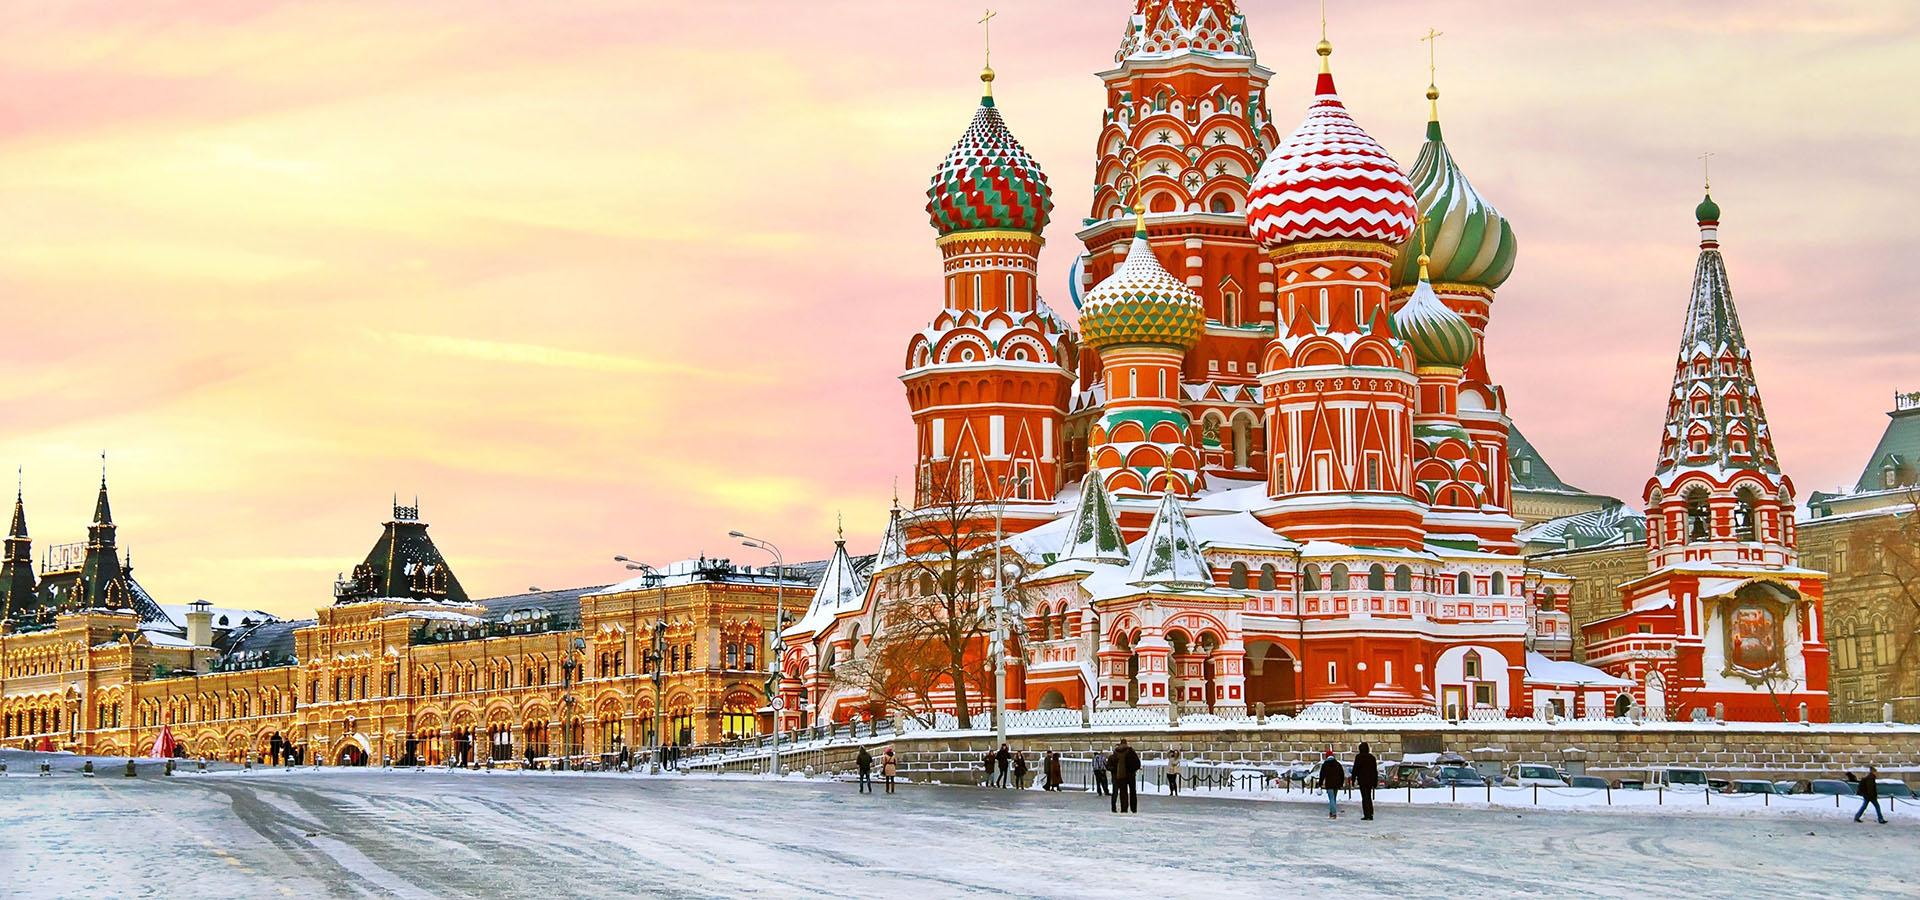 Выходные в Москве + Сергиев посад + Александров. Без теста и карантина